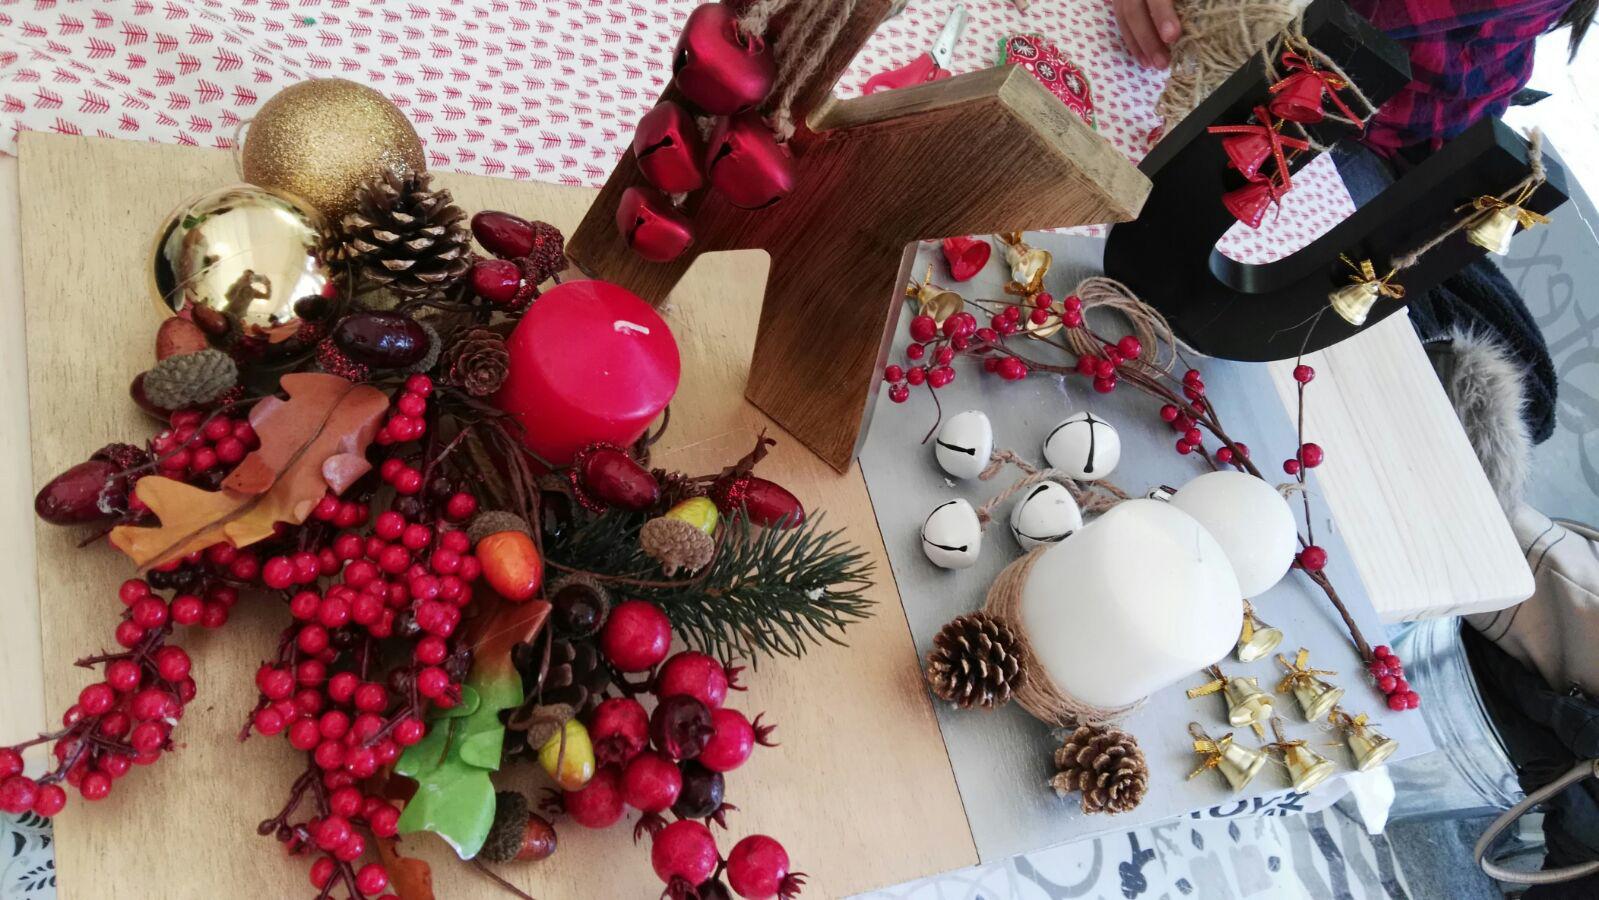 decoracion de navidad diy - centros-de-mesa-talleres-leroy-merlin